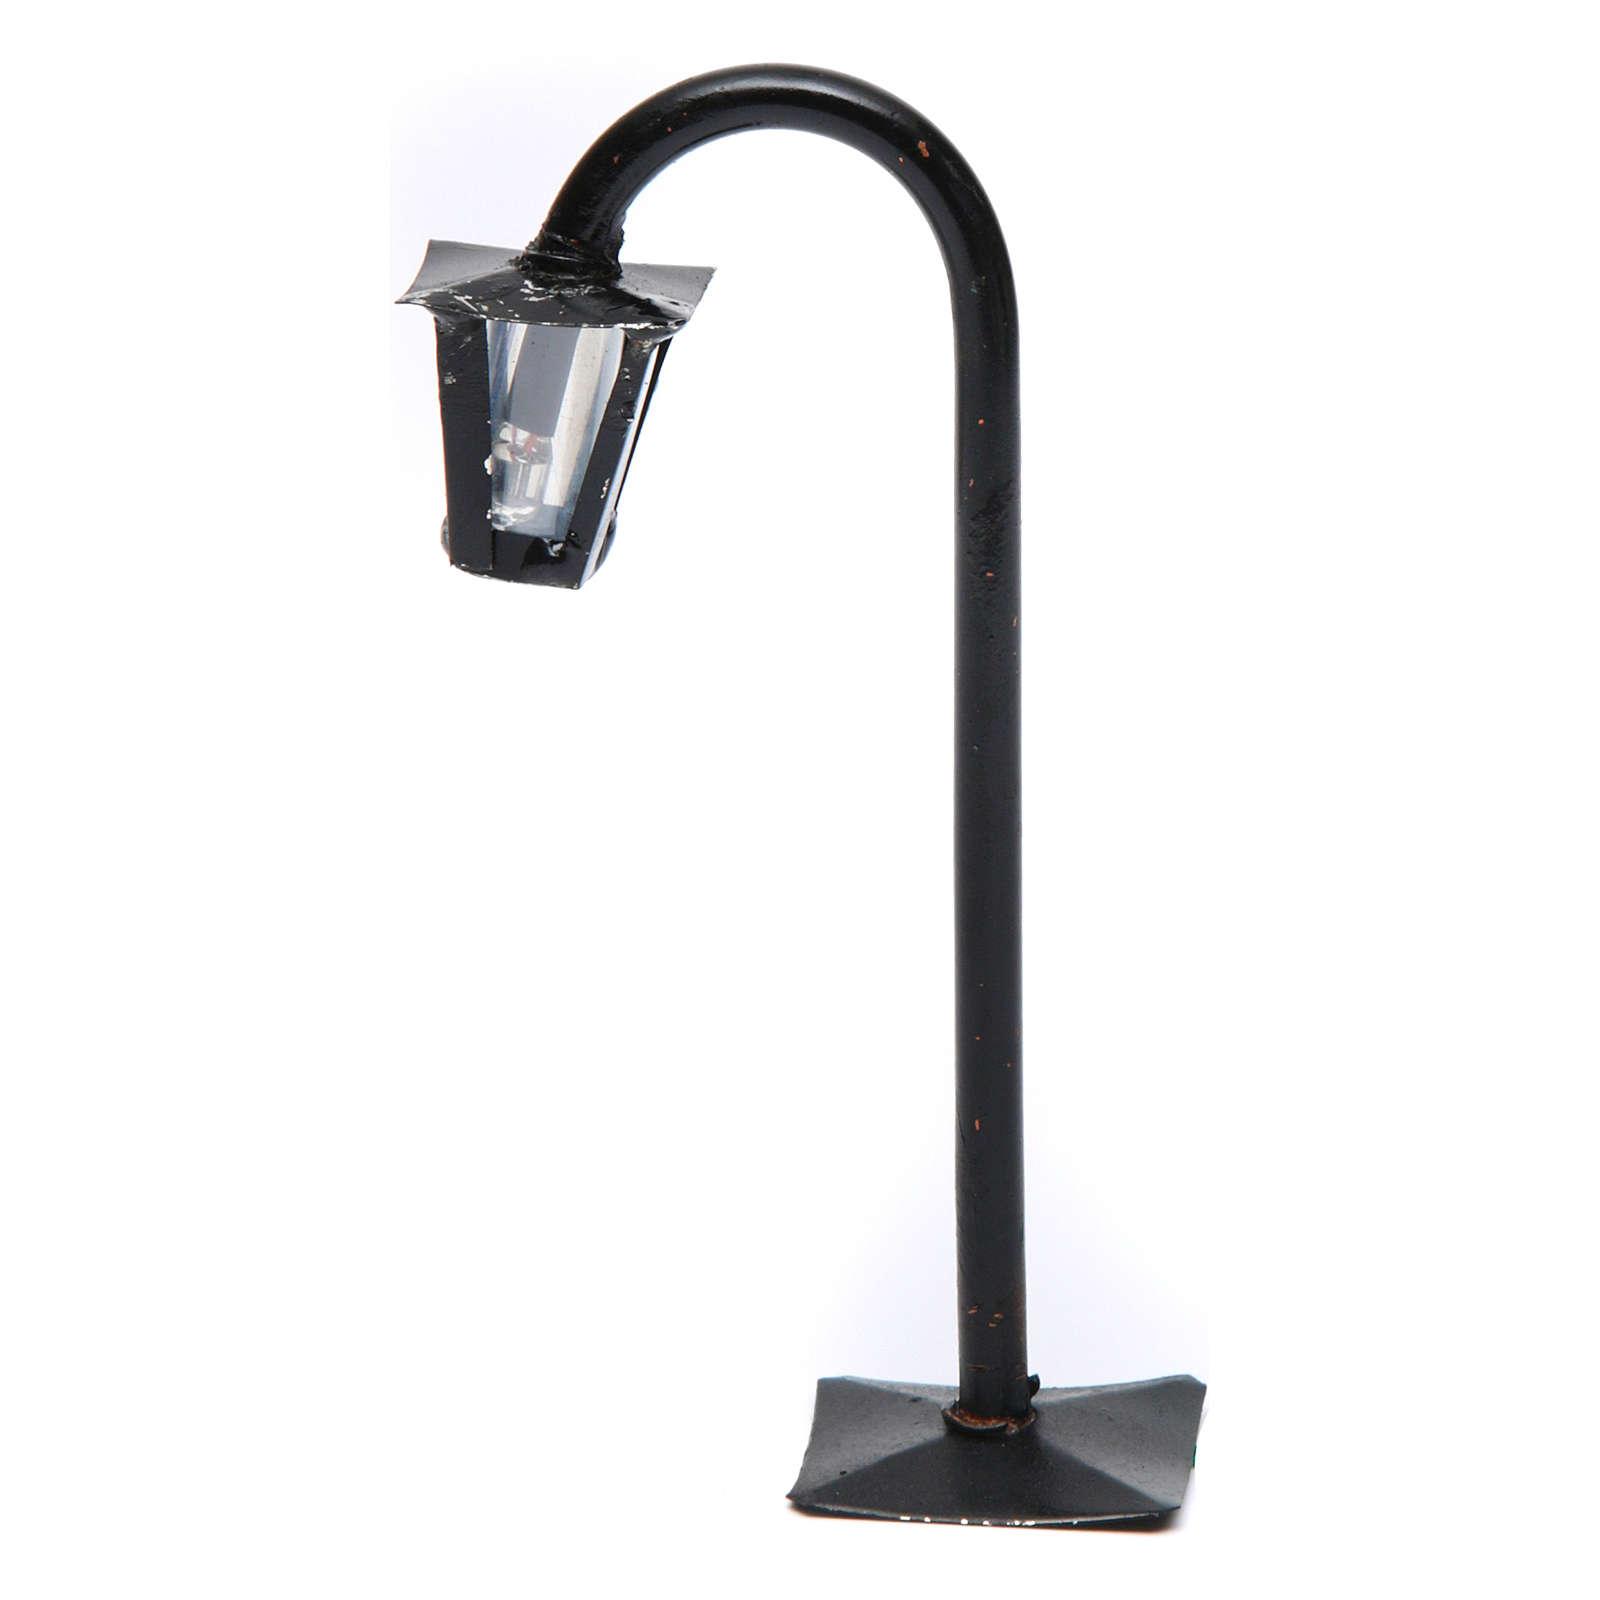 Réverbère de rue courbé avec lanterne h réelle 13 cm crèche Naples - 12V 4